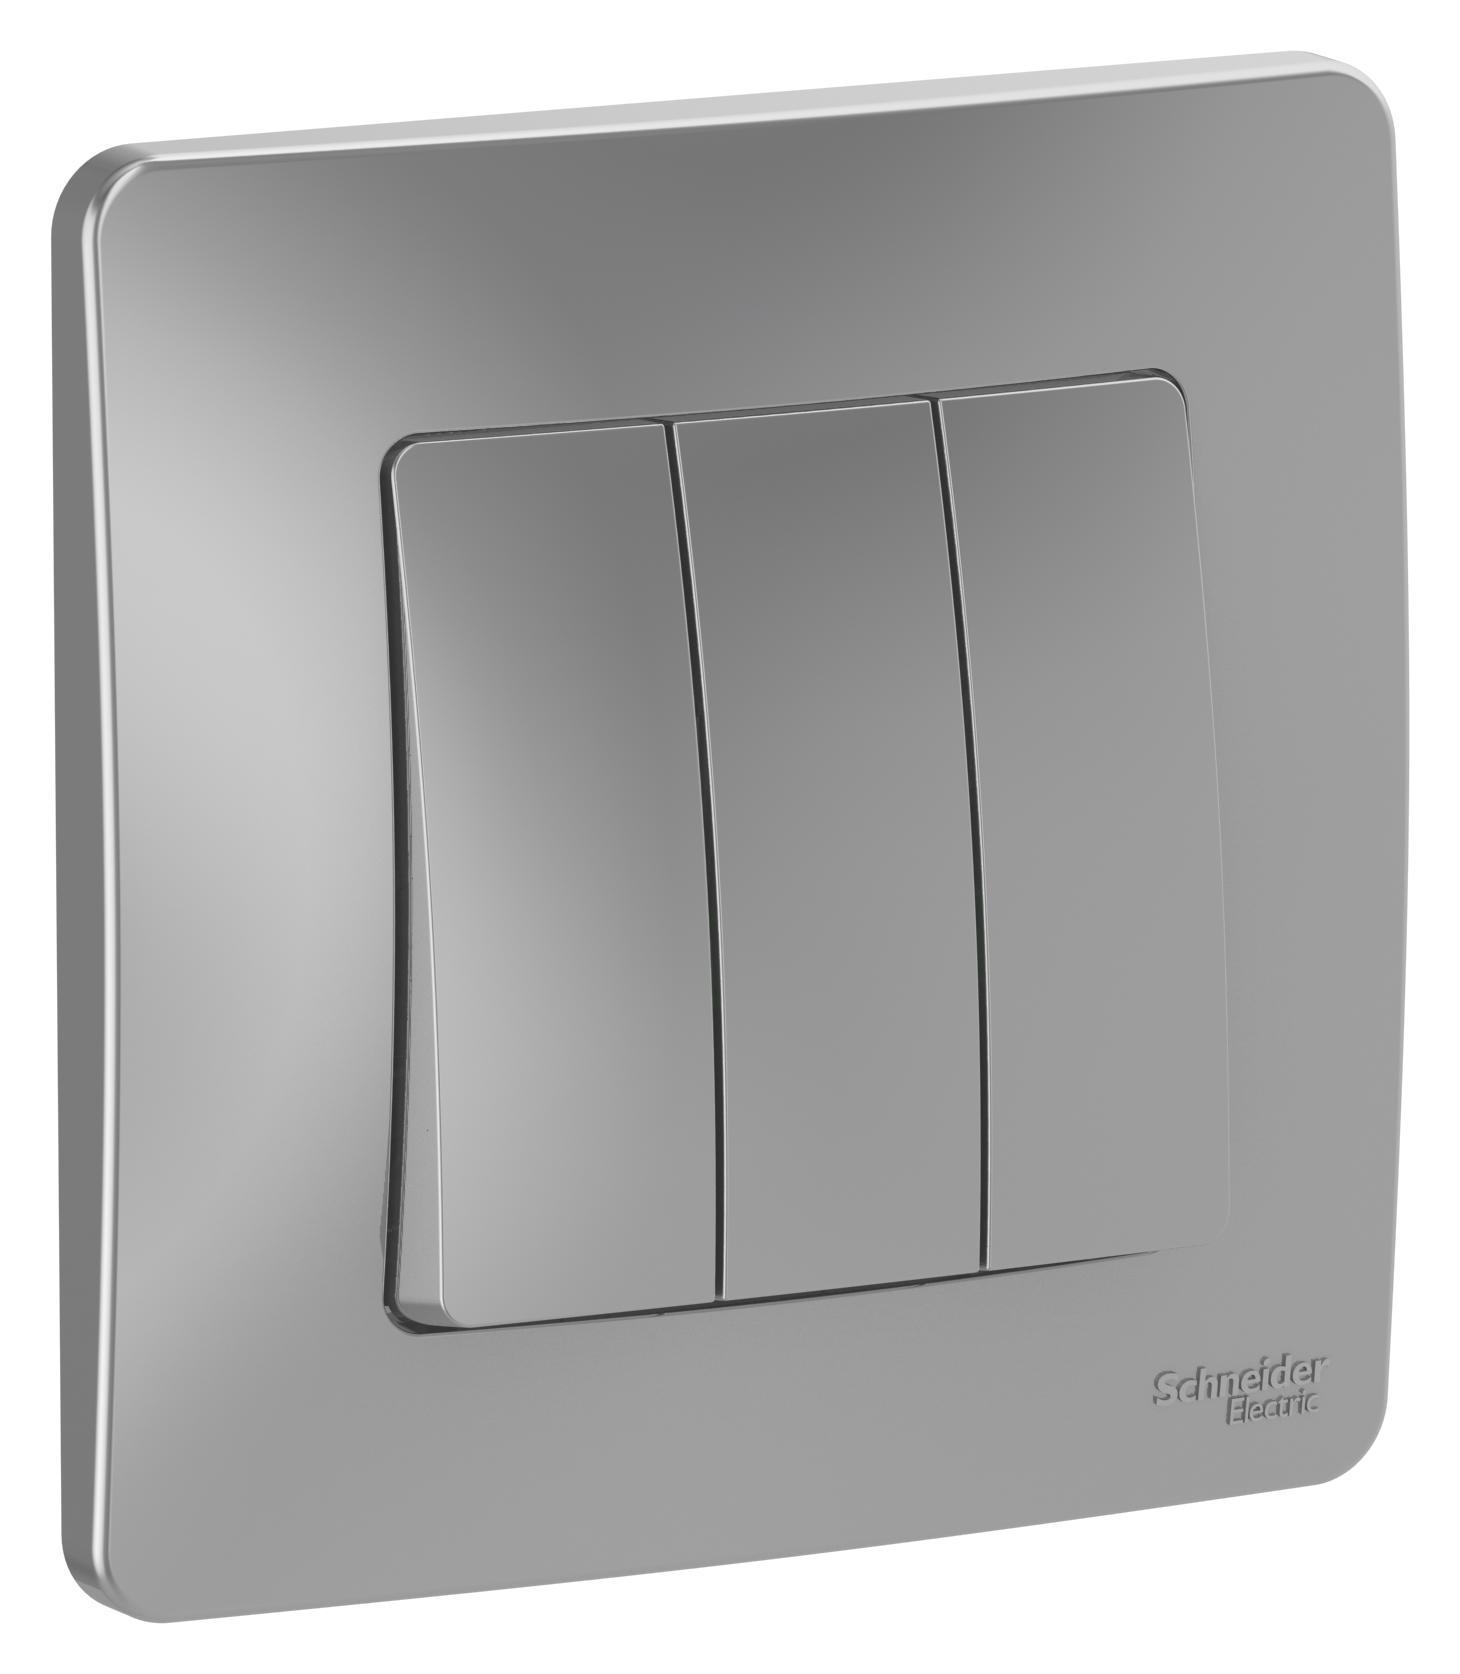 Выключатель Schneider electric Blnvs100503 blanca выключатель schneider electric blnva101013 blanca